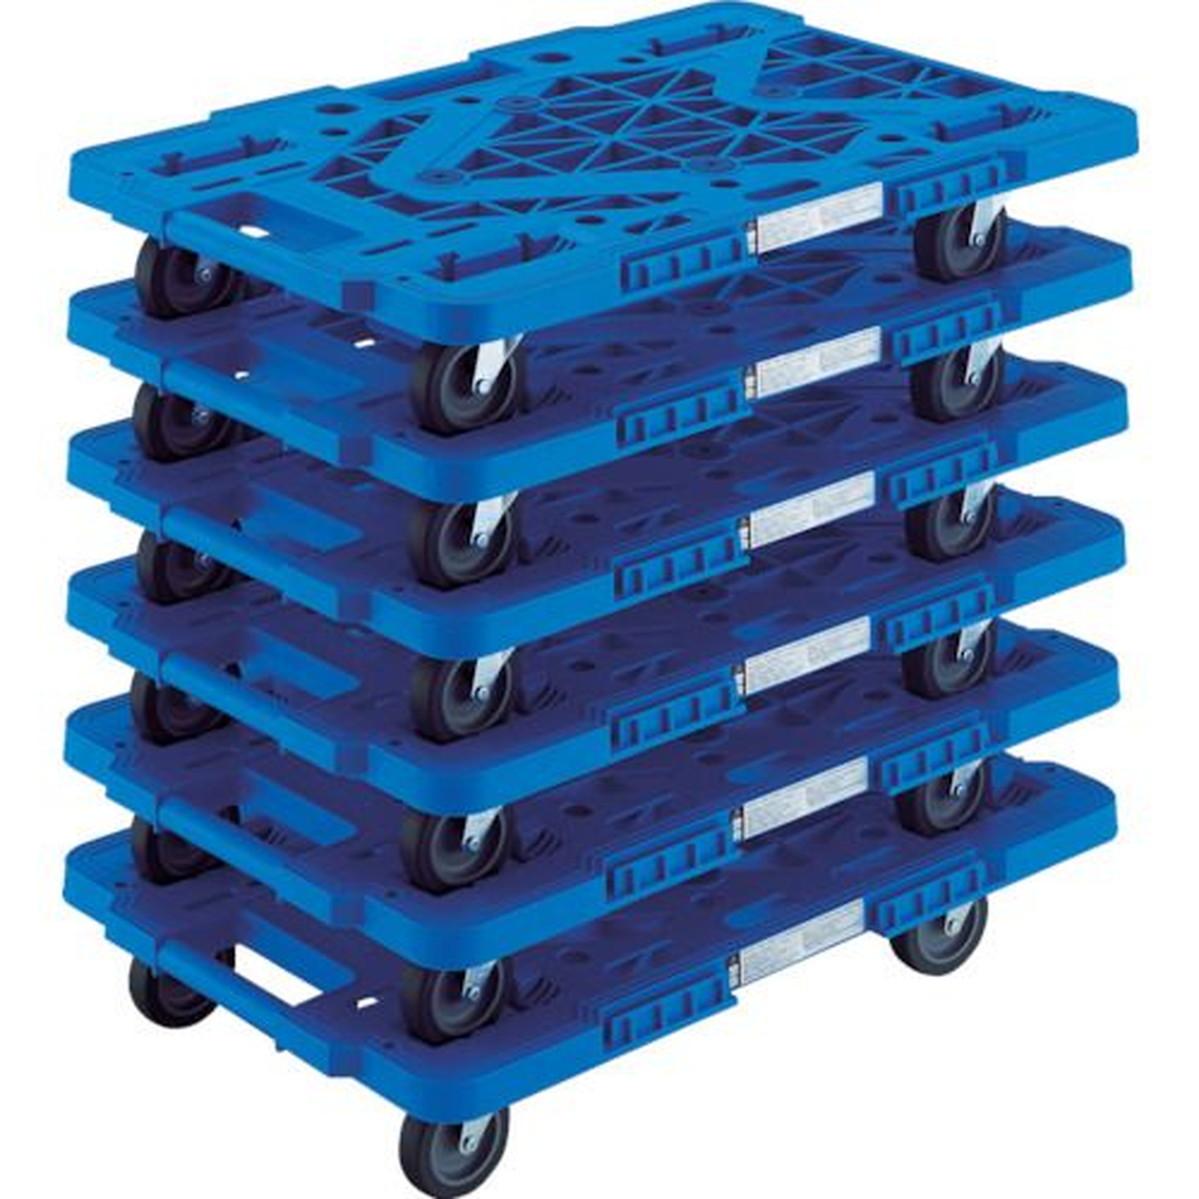 大人の上質  TRUSCO ルートバン ルートバン TRUSCO まとめ買い MPK-600J-B 6台セット 1S 1S, BLUCE&GRACE:06c8c9bb --- independentescortsdelhi.in